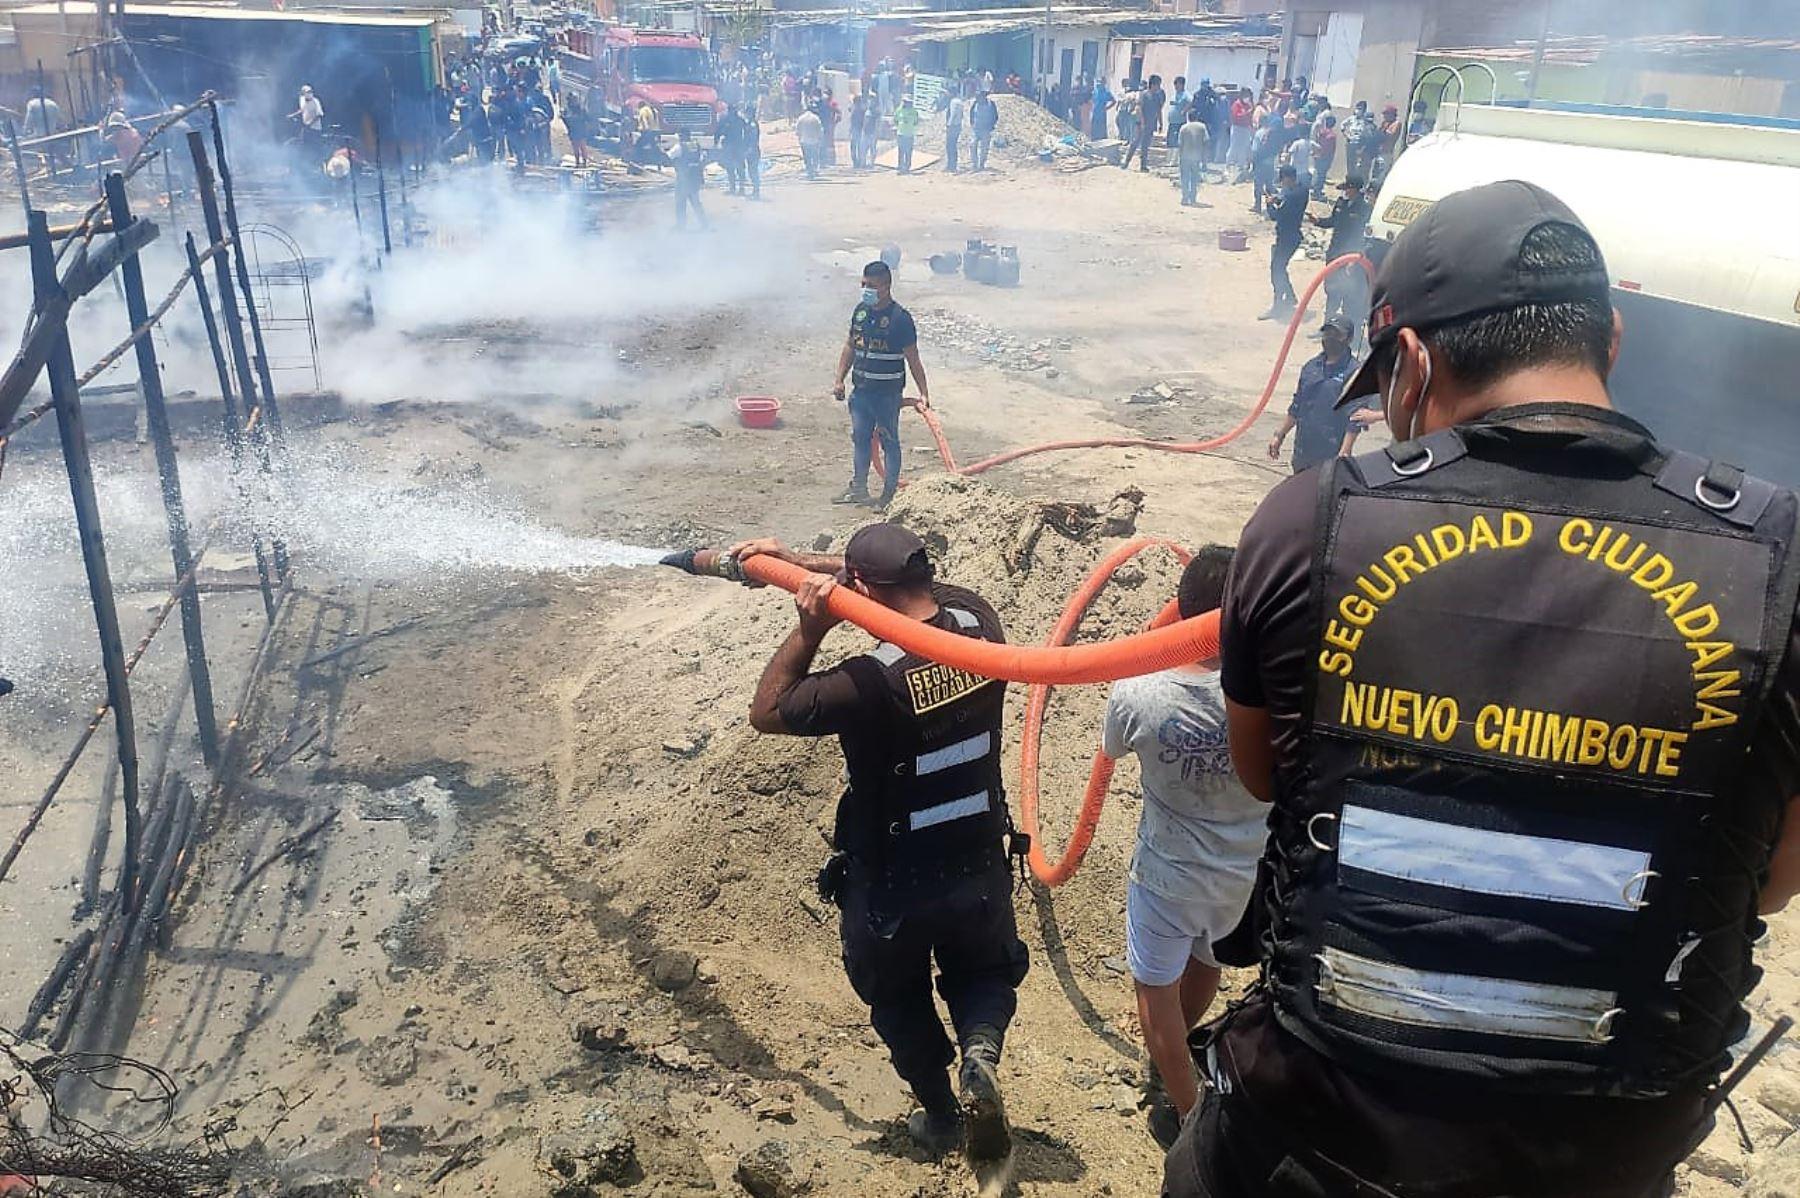 Varias viviendas destruidas dejó hoy un voraz incendio en el distrito de Nuevo Chimbote, en la zona costera de la región Áncash. ANDINA/Difusión